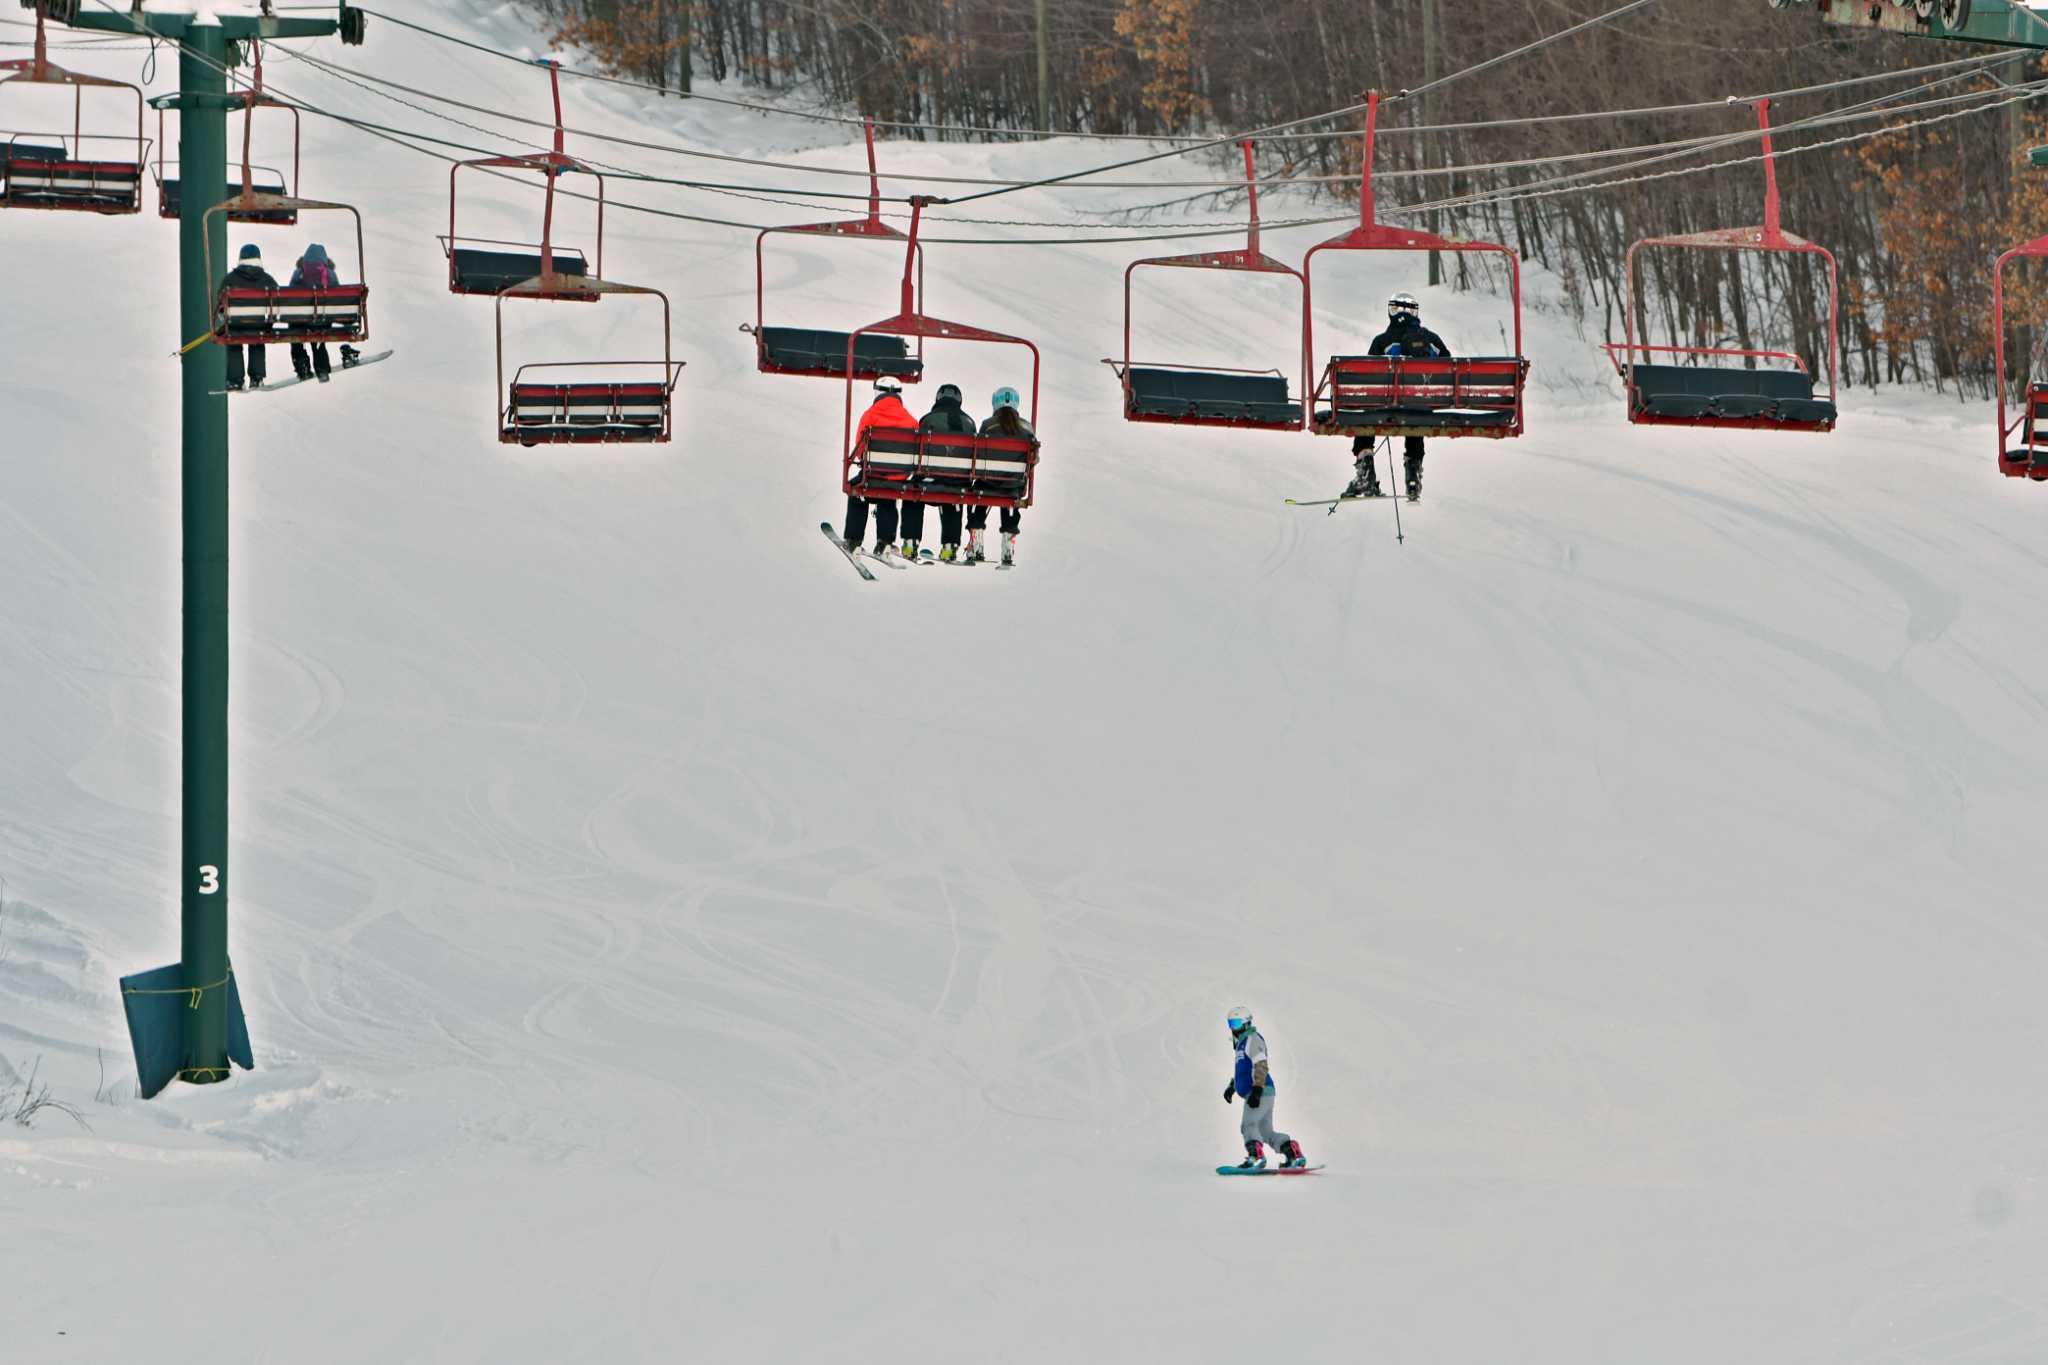 Ski season opens as ORDA touts easier access to mountain trails